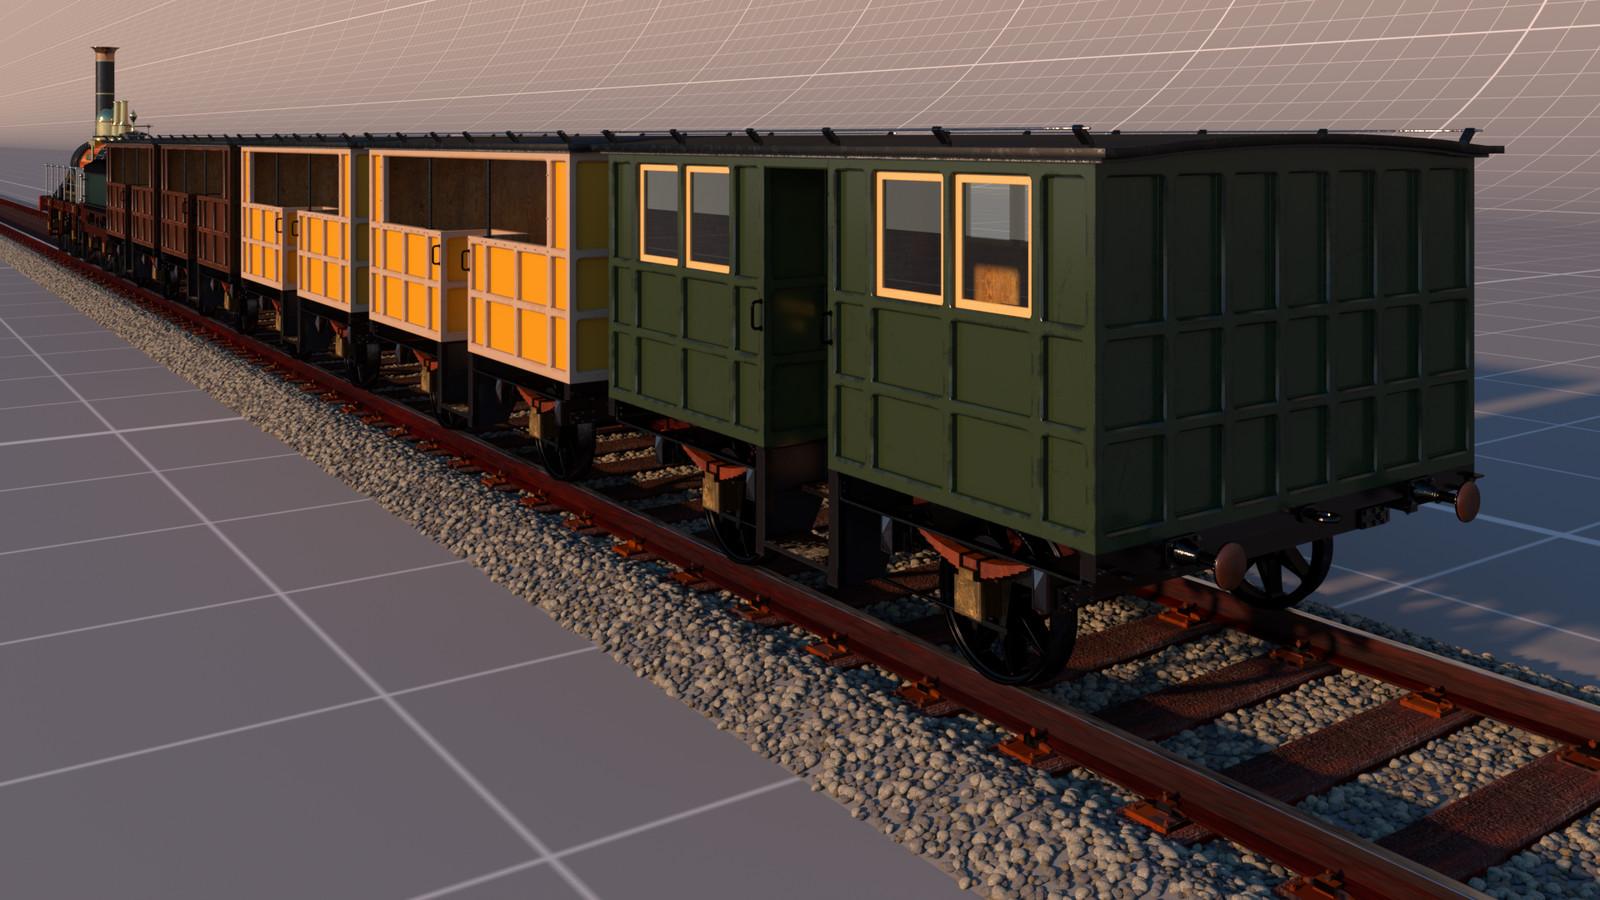 Full render of the train, backside.